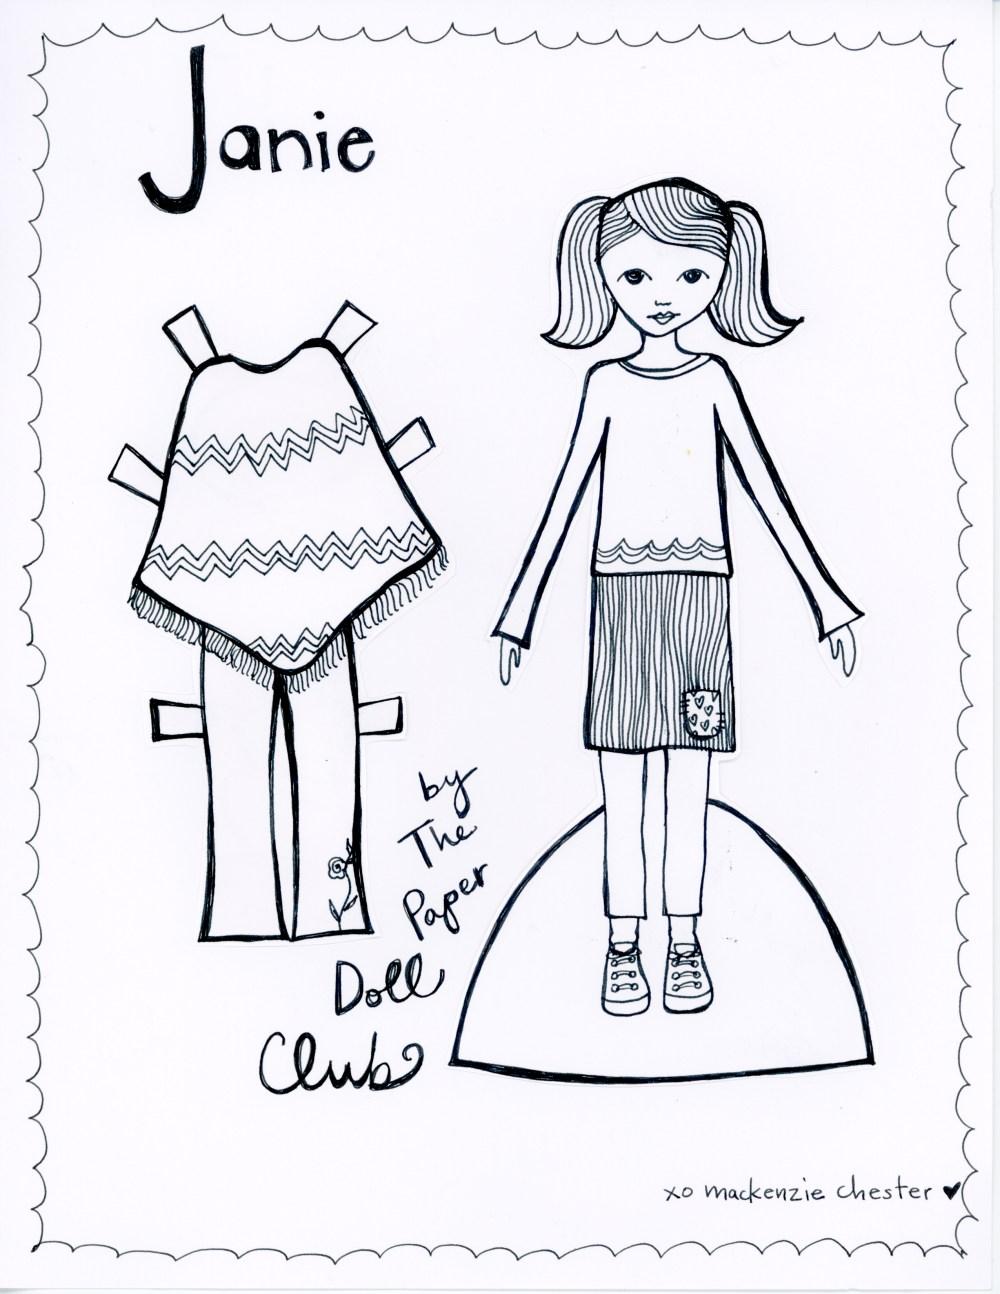 Janie copy